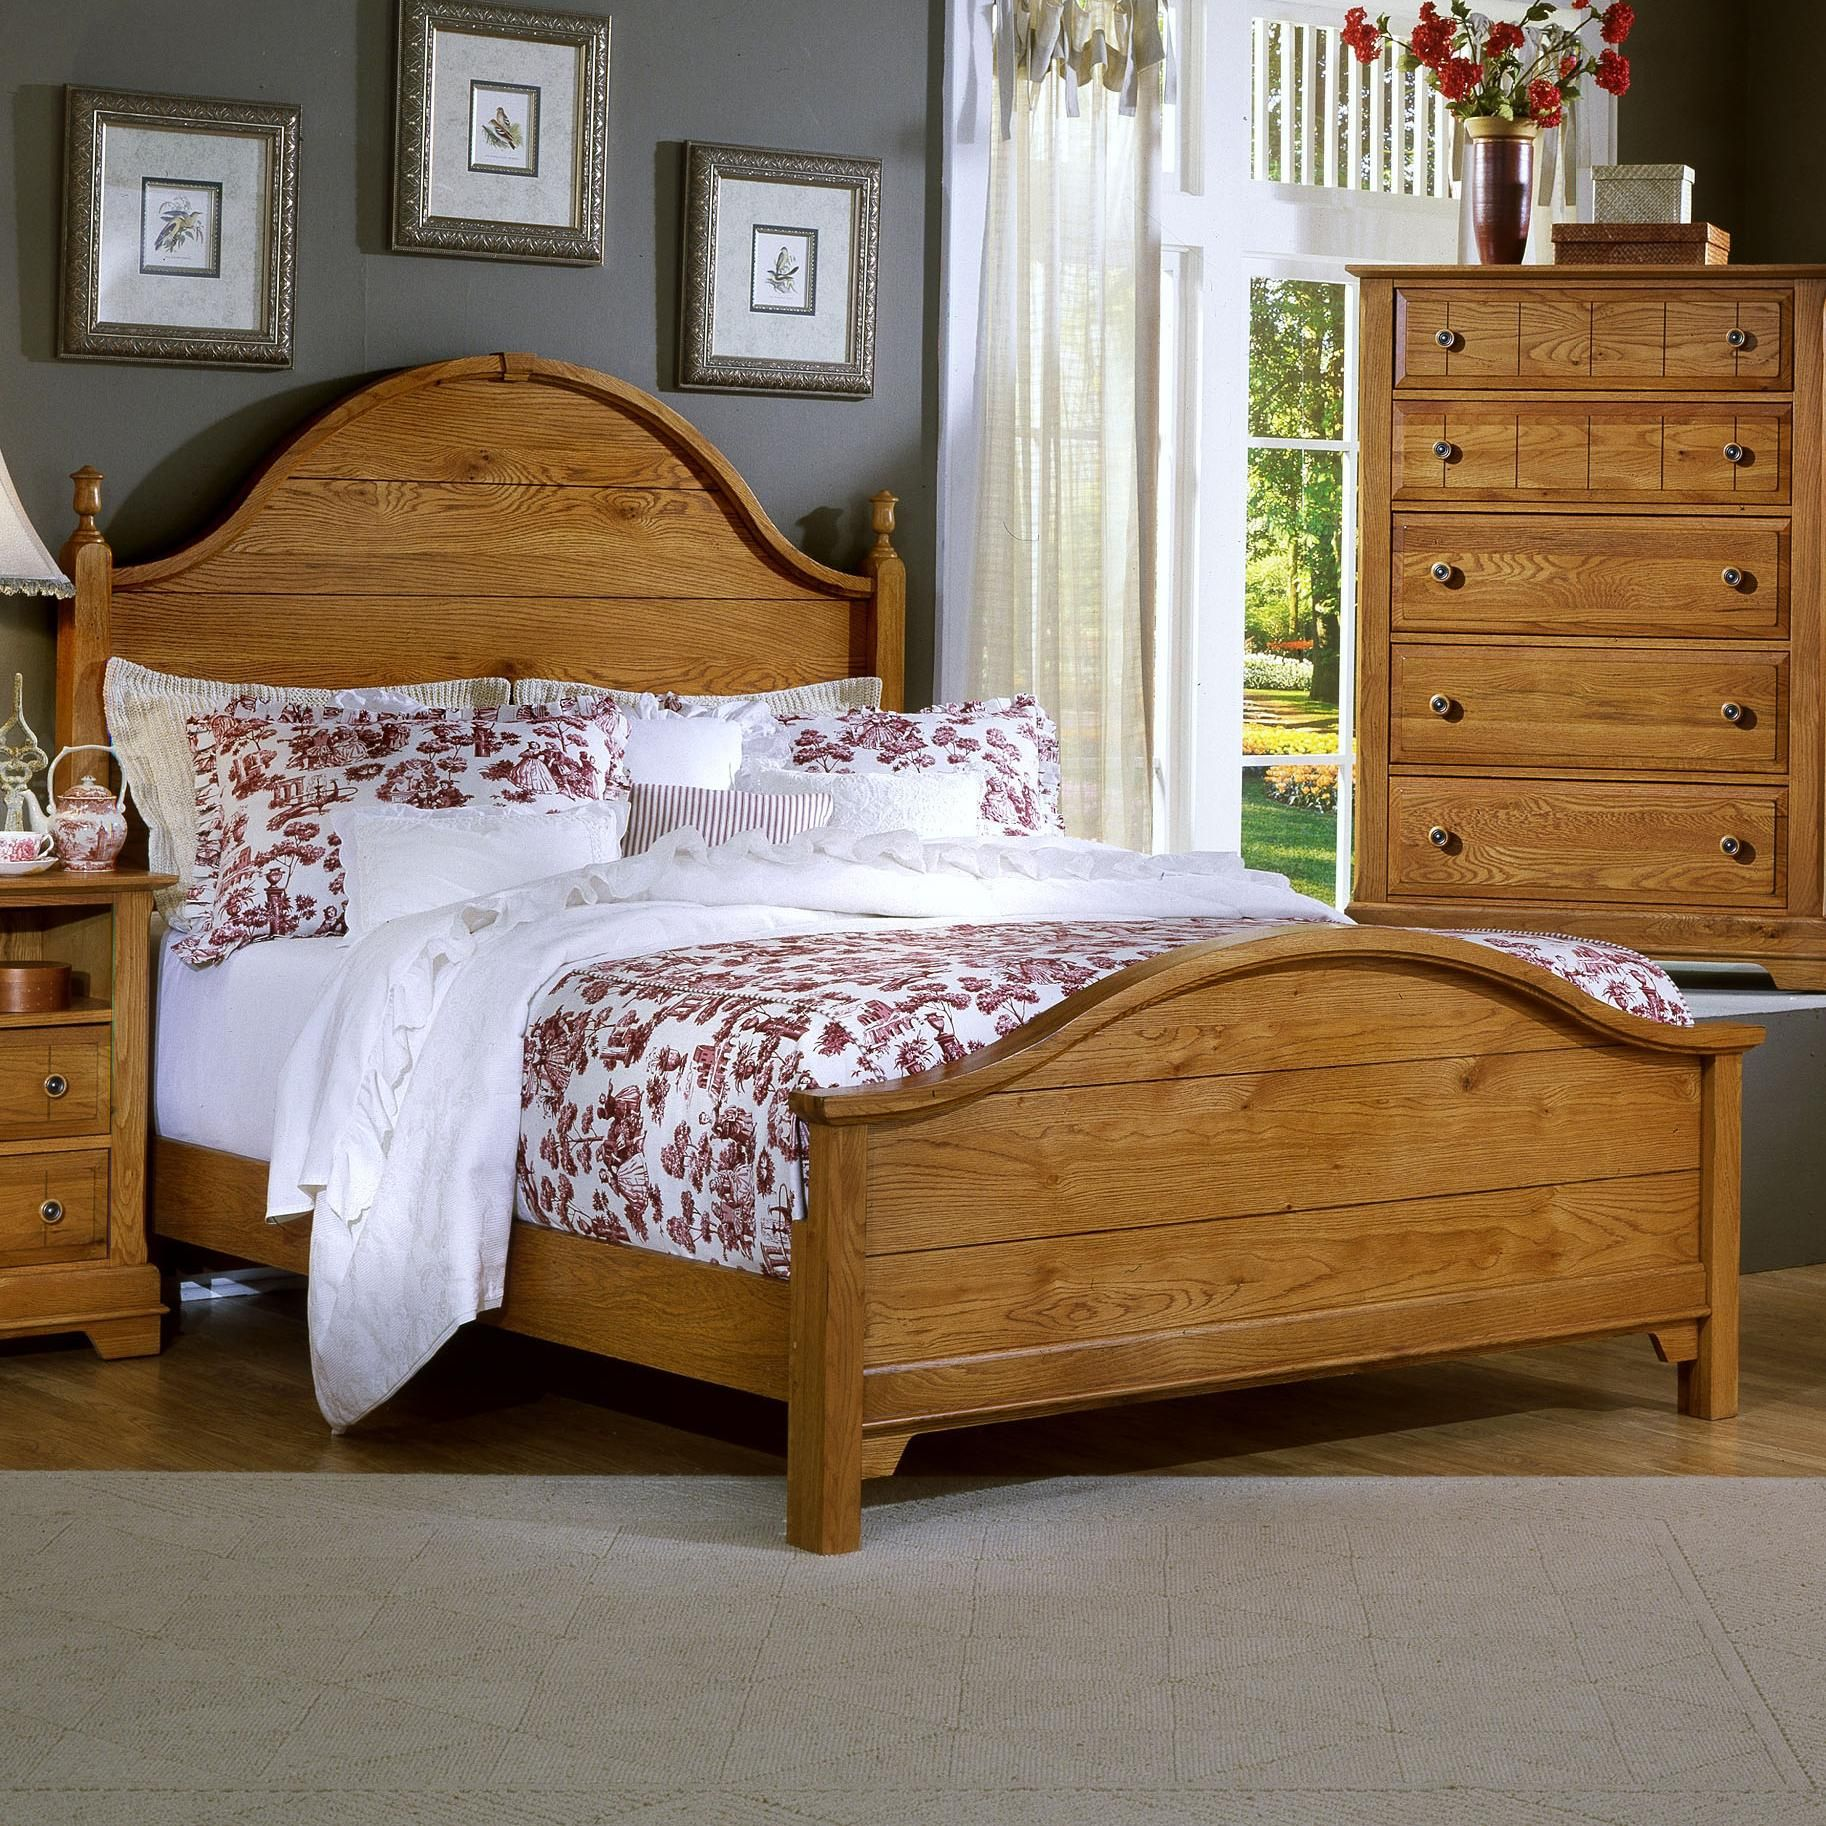 Bassett Bedroom Set: Cottage Queen Panel Bed By Vaughan Bassett